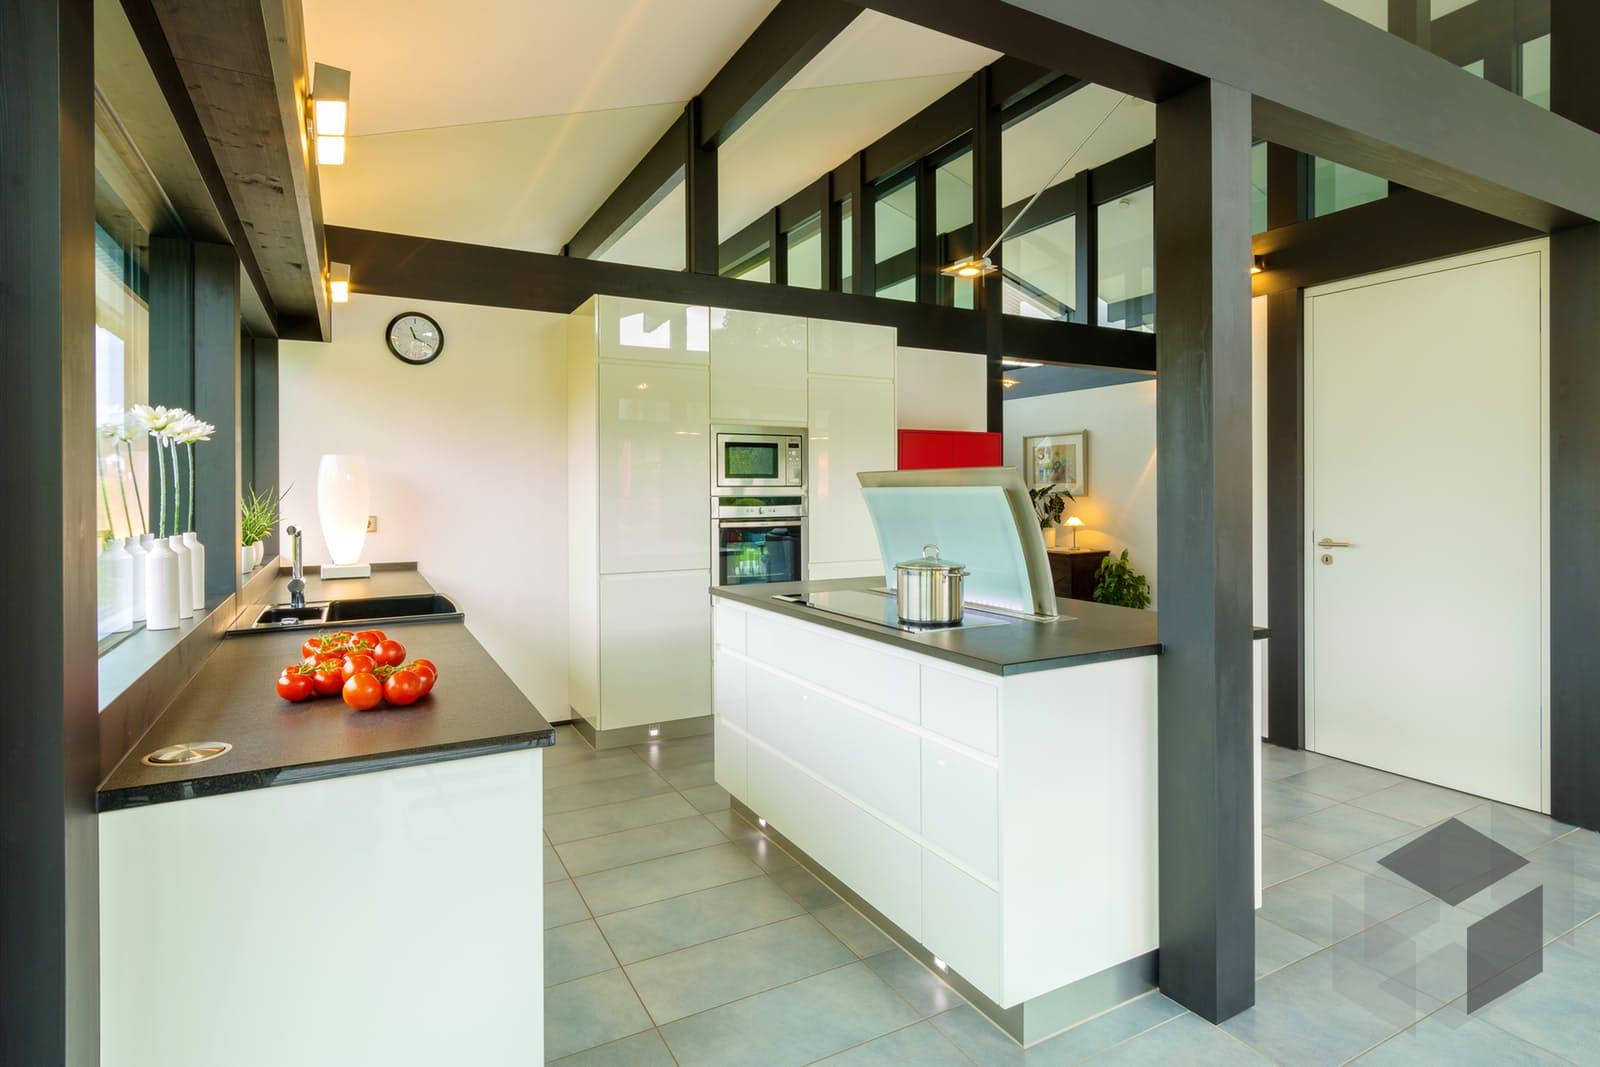 art 5 bungalow von huf haus komplette daten bersicht. Black Bedroom Furniture Sets. Home Design Ideas